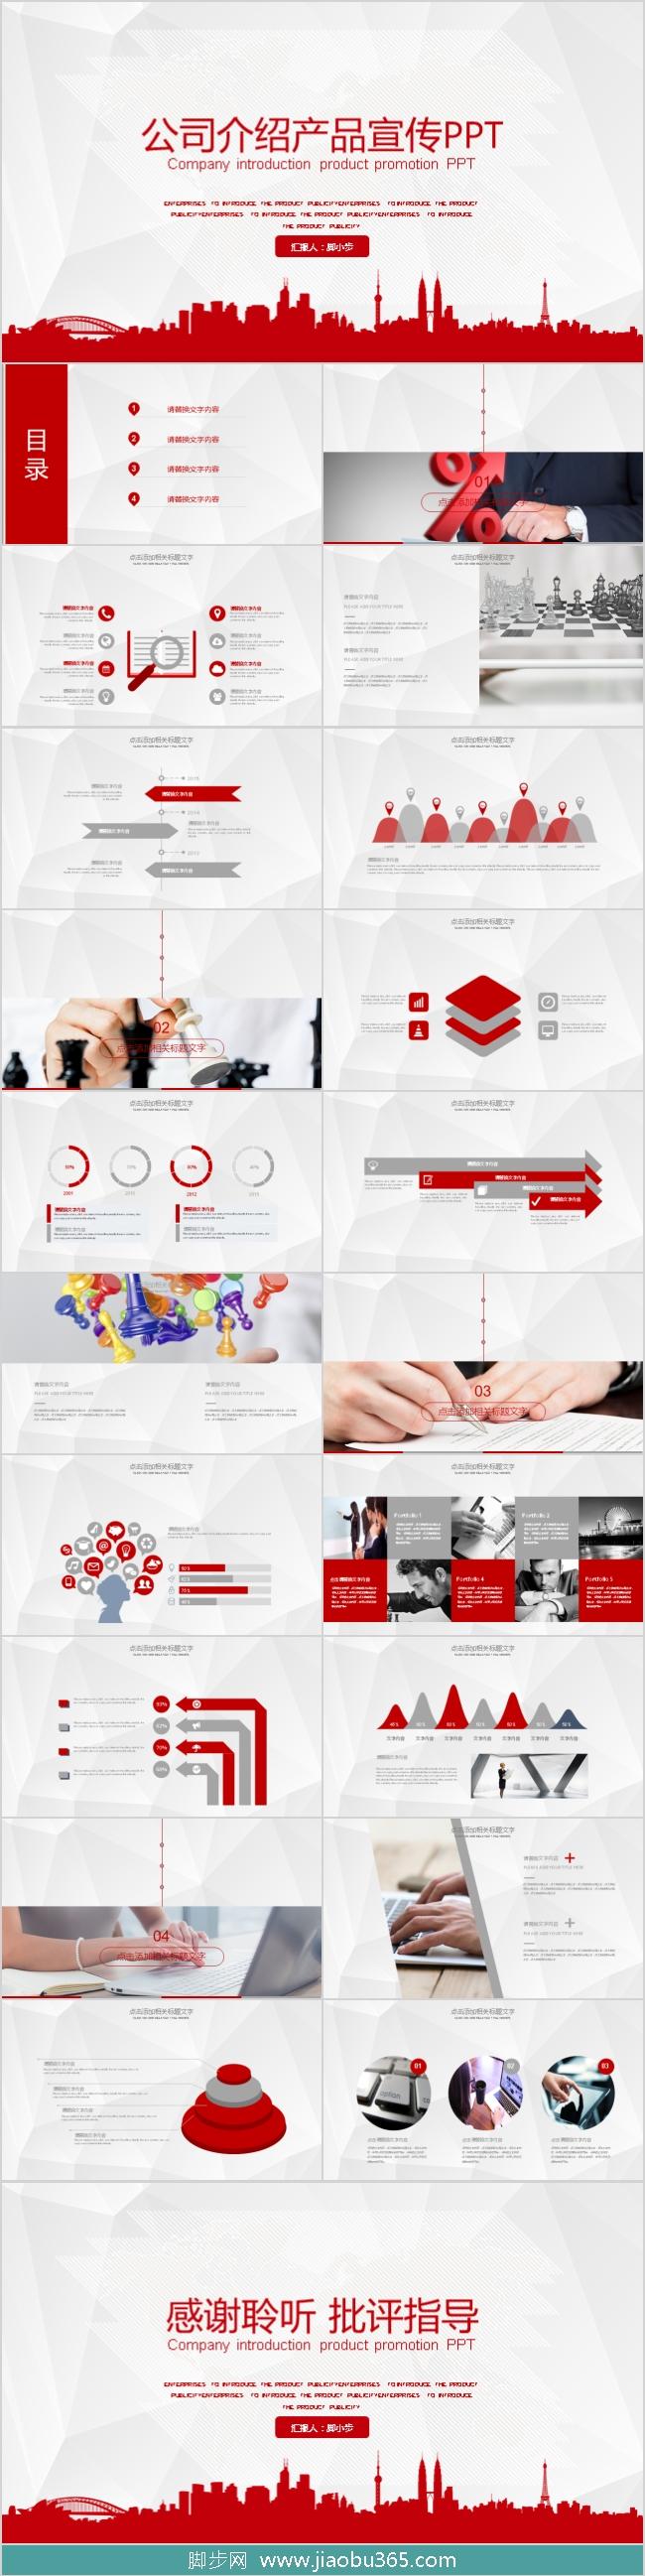 企业介绍 公司介绍 企业宣传 产品宣传PPT模板.jpg